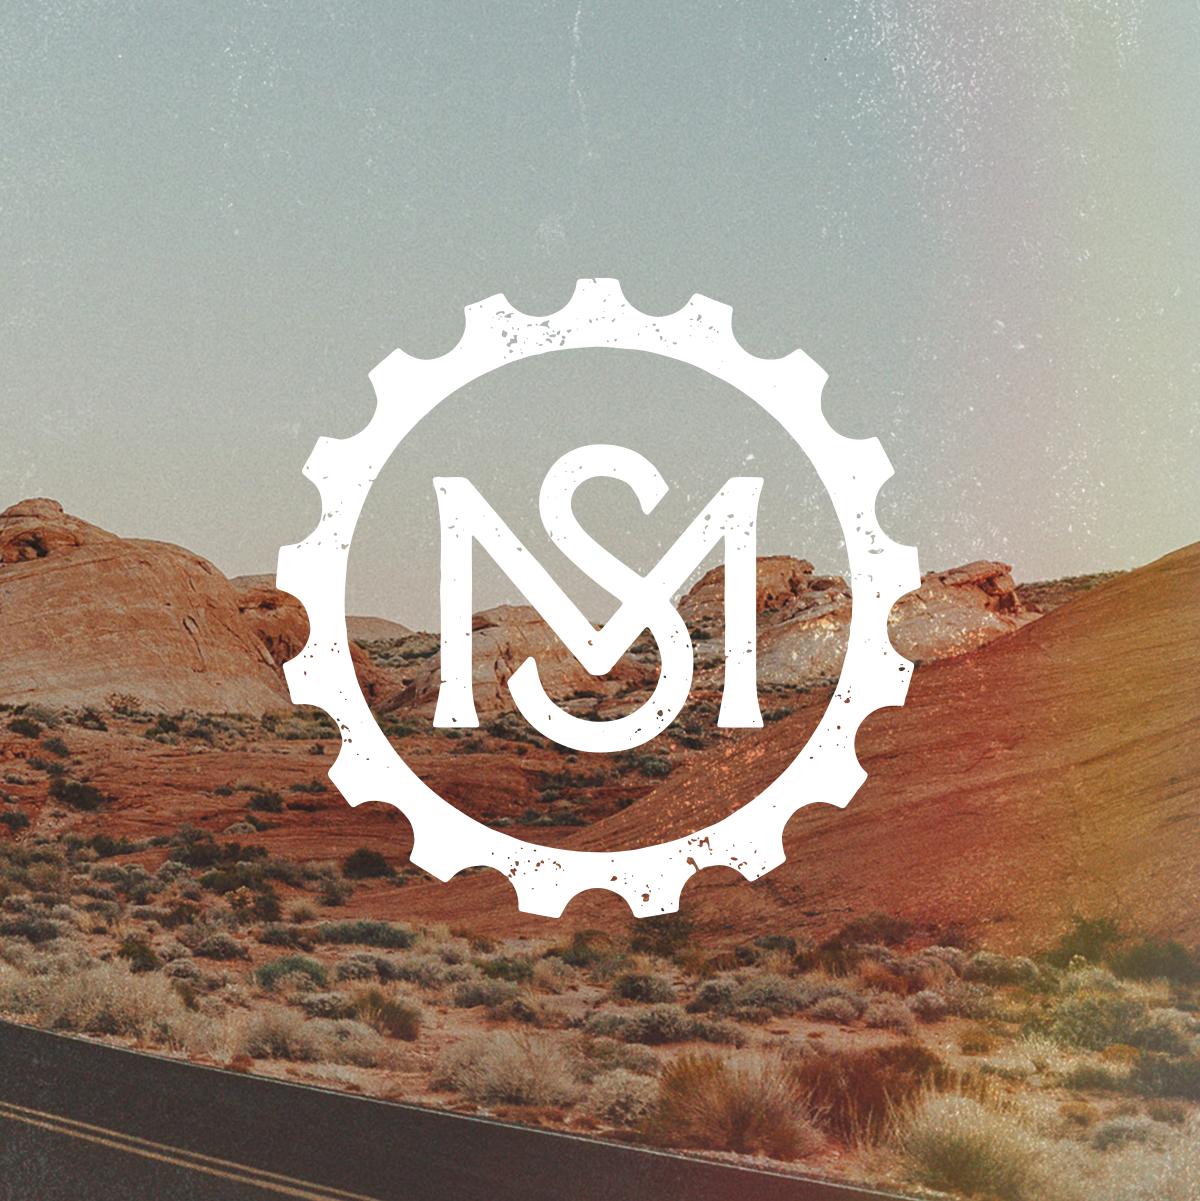 Traina Design - Moto Sonora Brewing Co.6.jpg